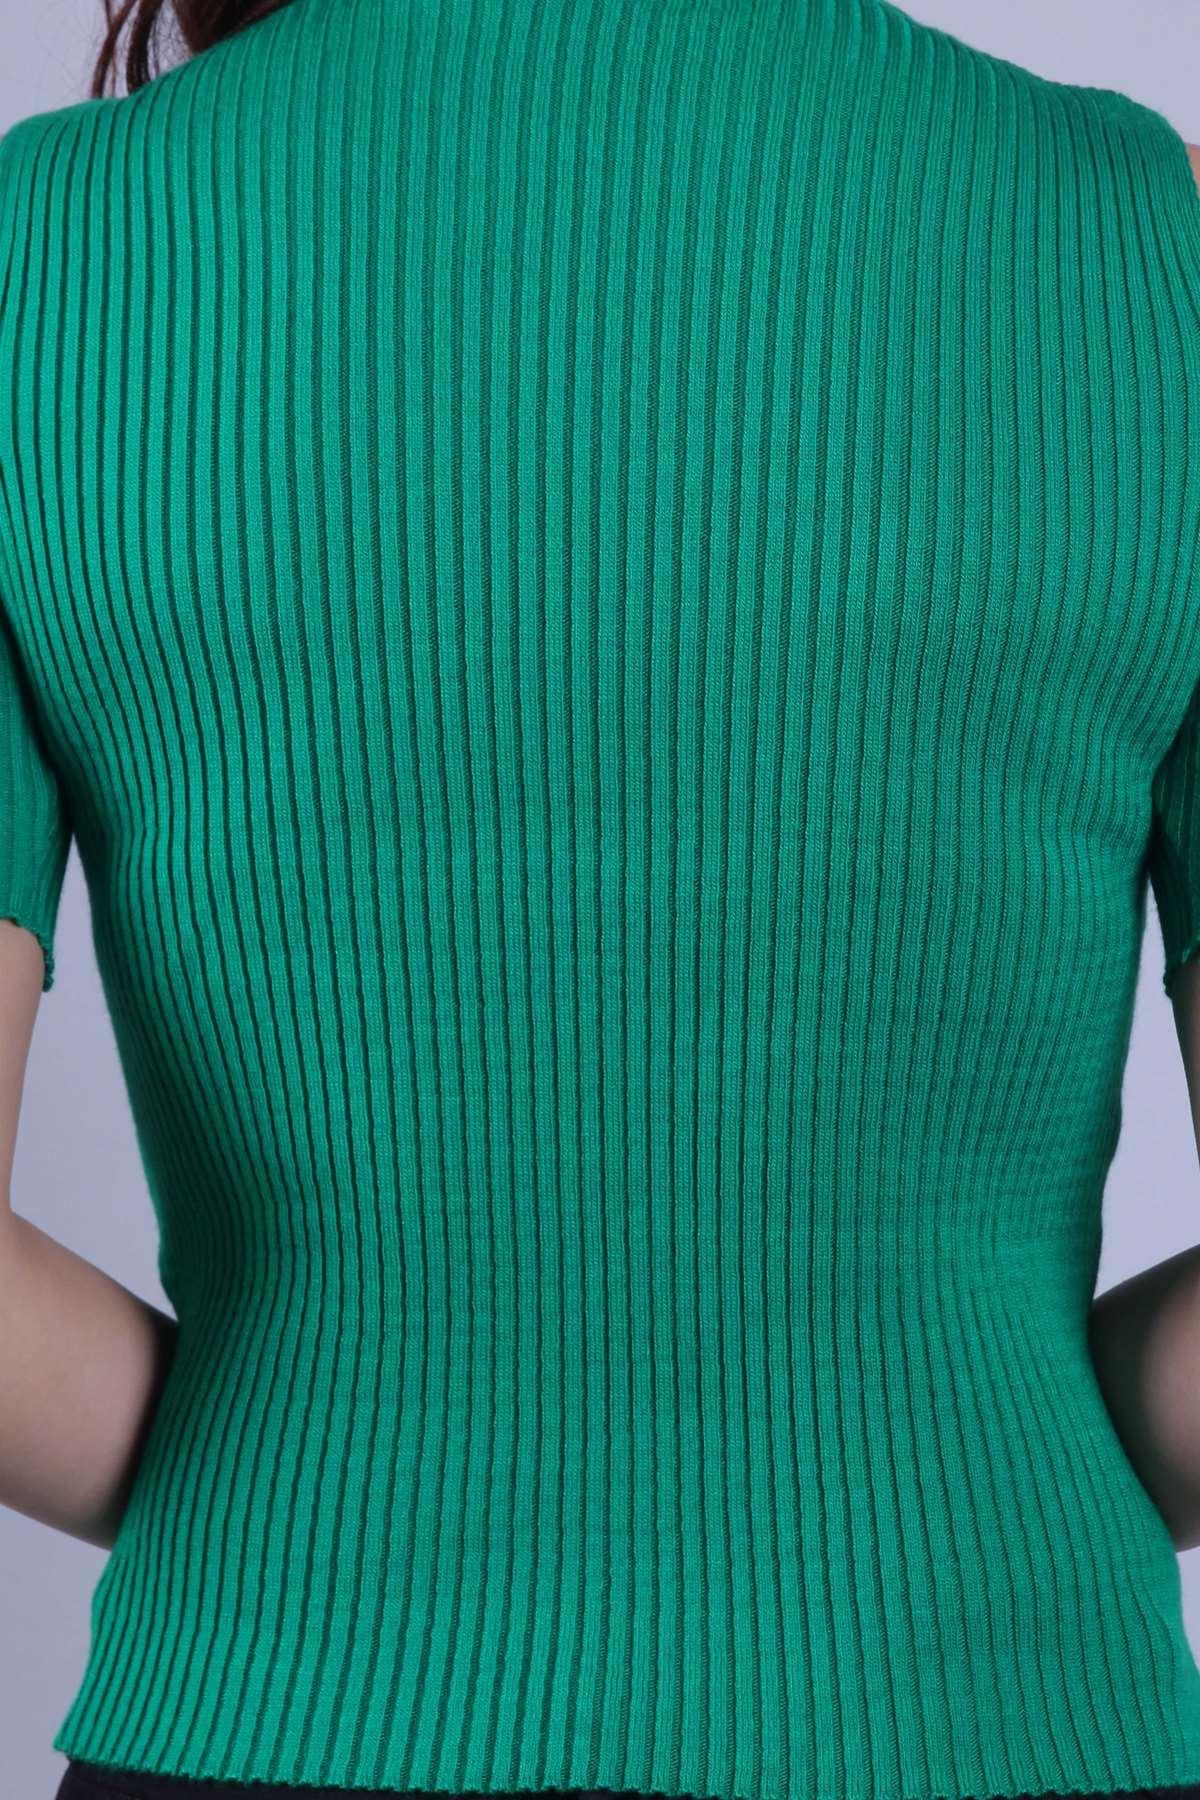 Omuz Açık Kesik Kol Triko Bady Yeşil